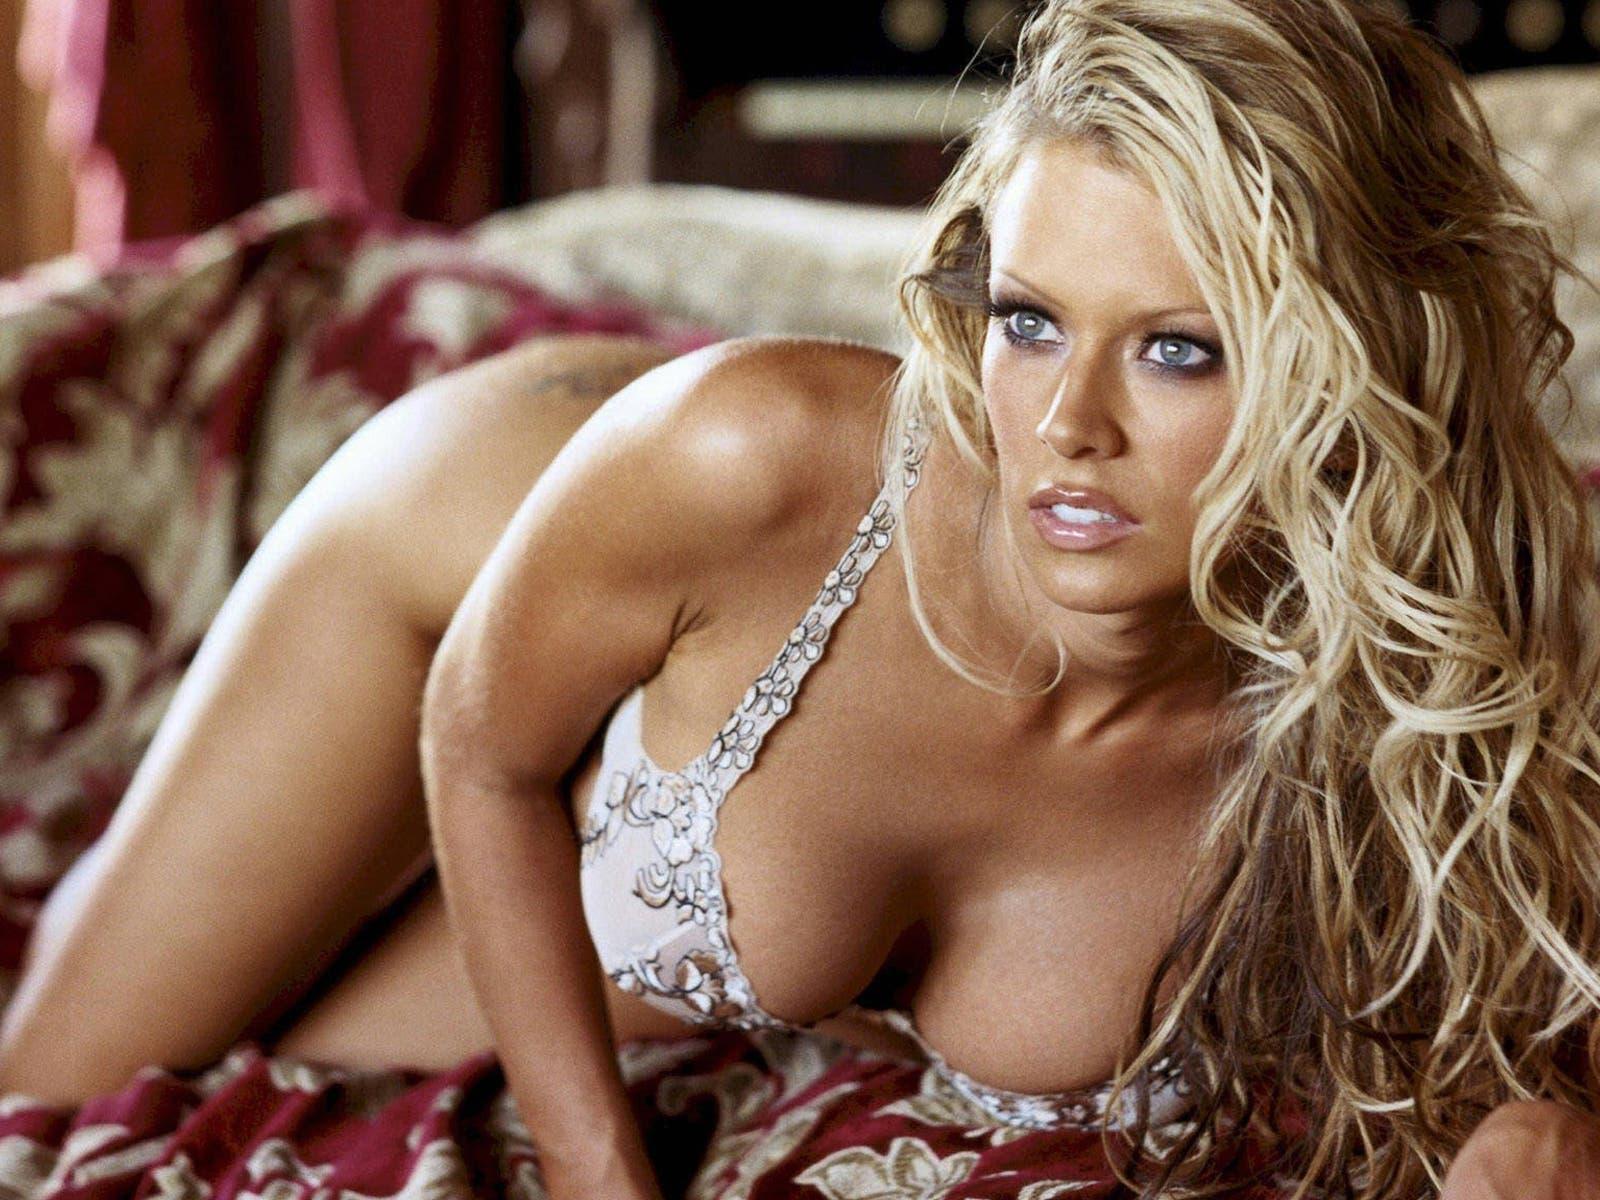 Gwiazda porno Jenna Jameson (42 l.) chce Conora.